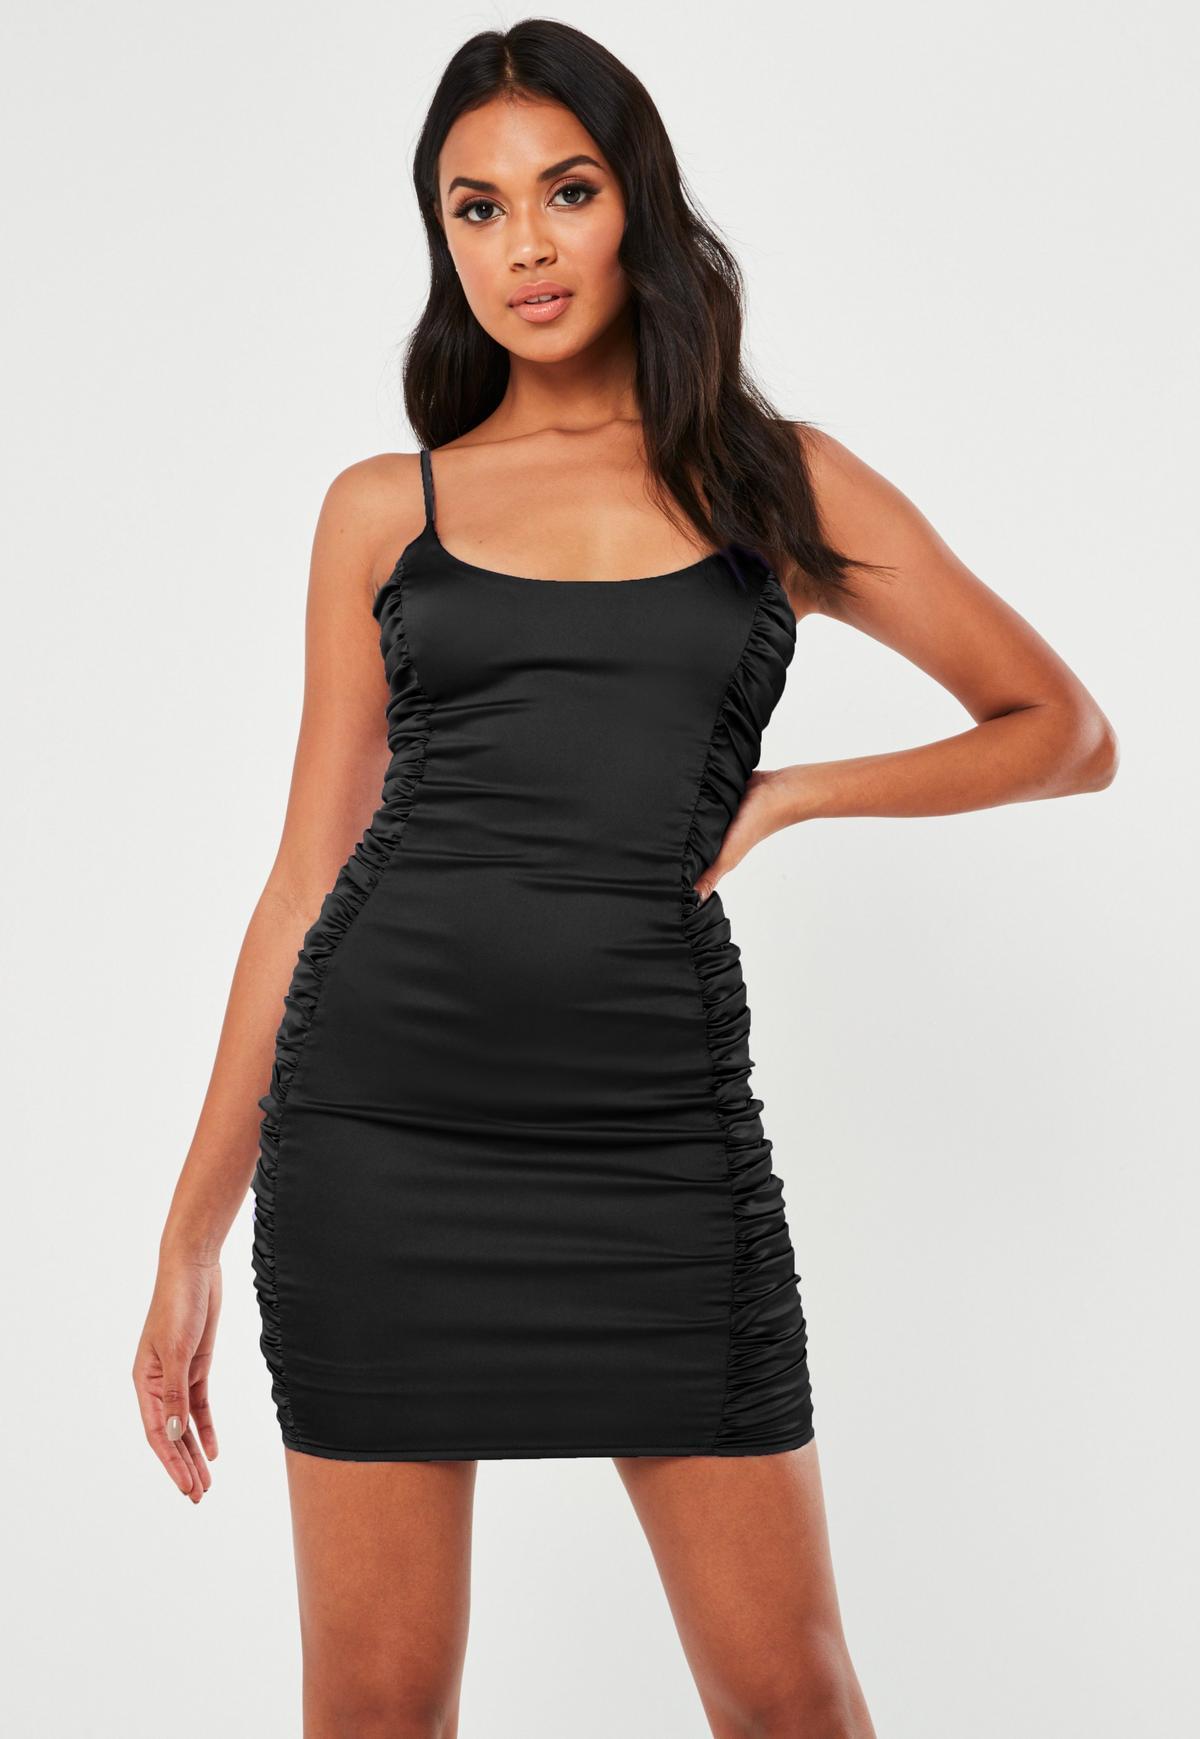 Xenia black bodycon dress with belt z force smith outfit ebay